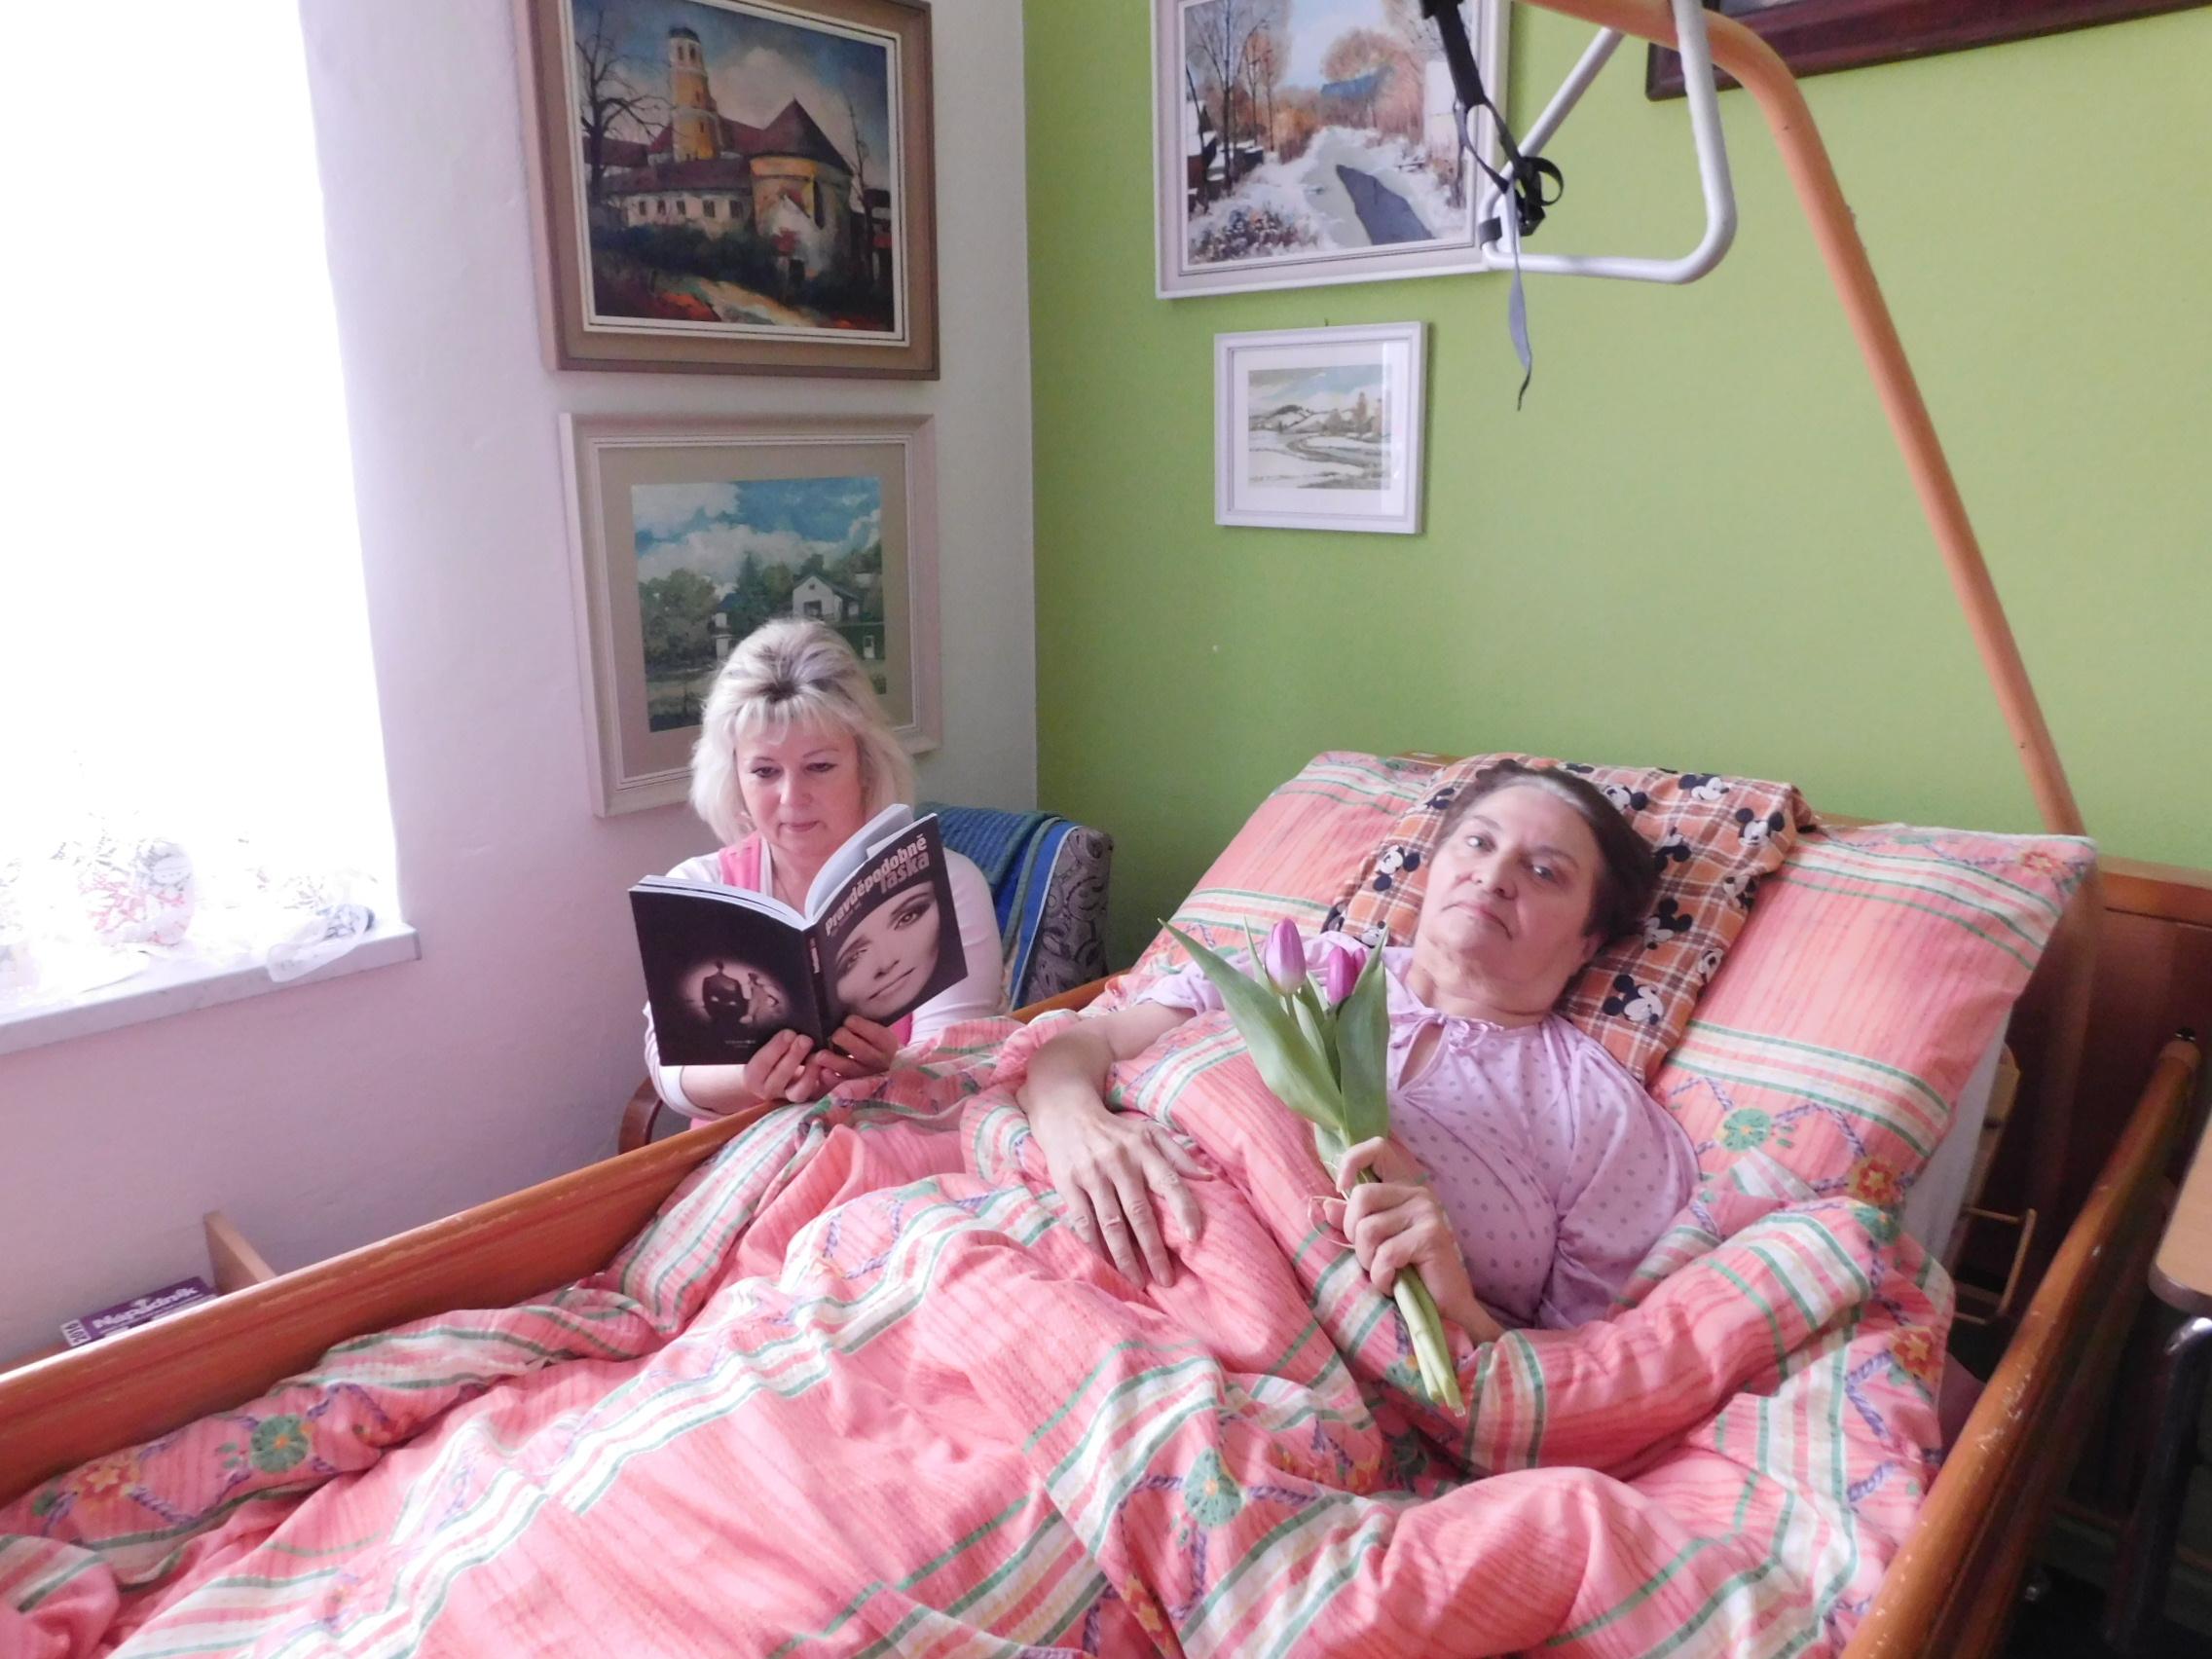 Domácí zdravotní služba je zajištěna kvalifikovanými zdravotními sestrami